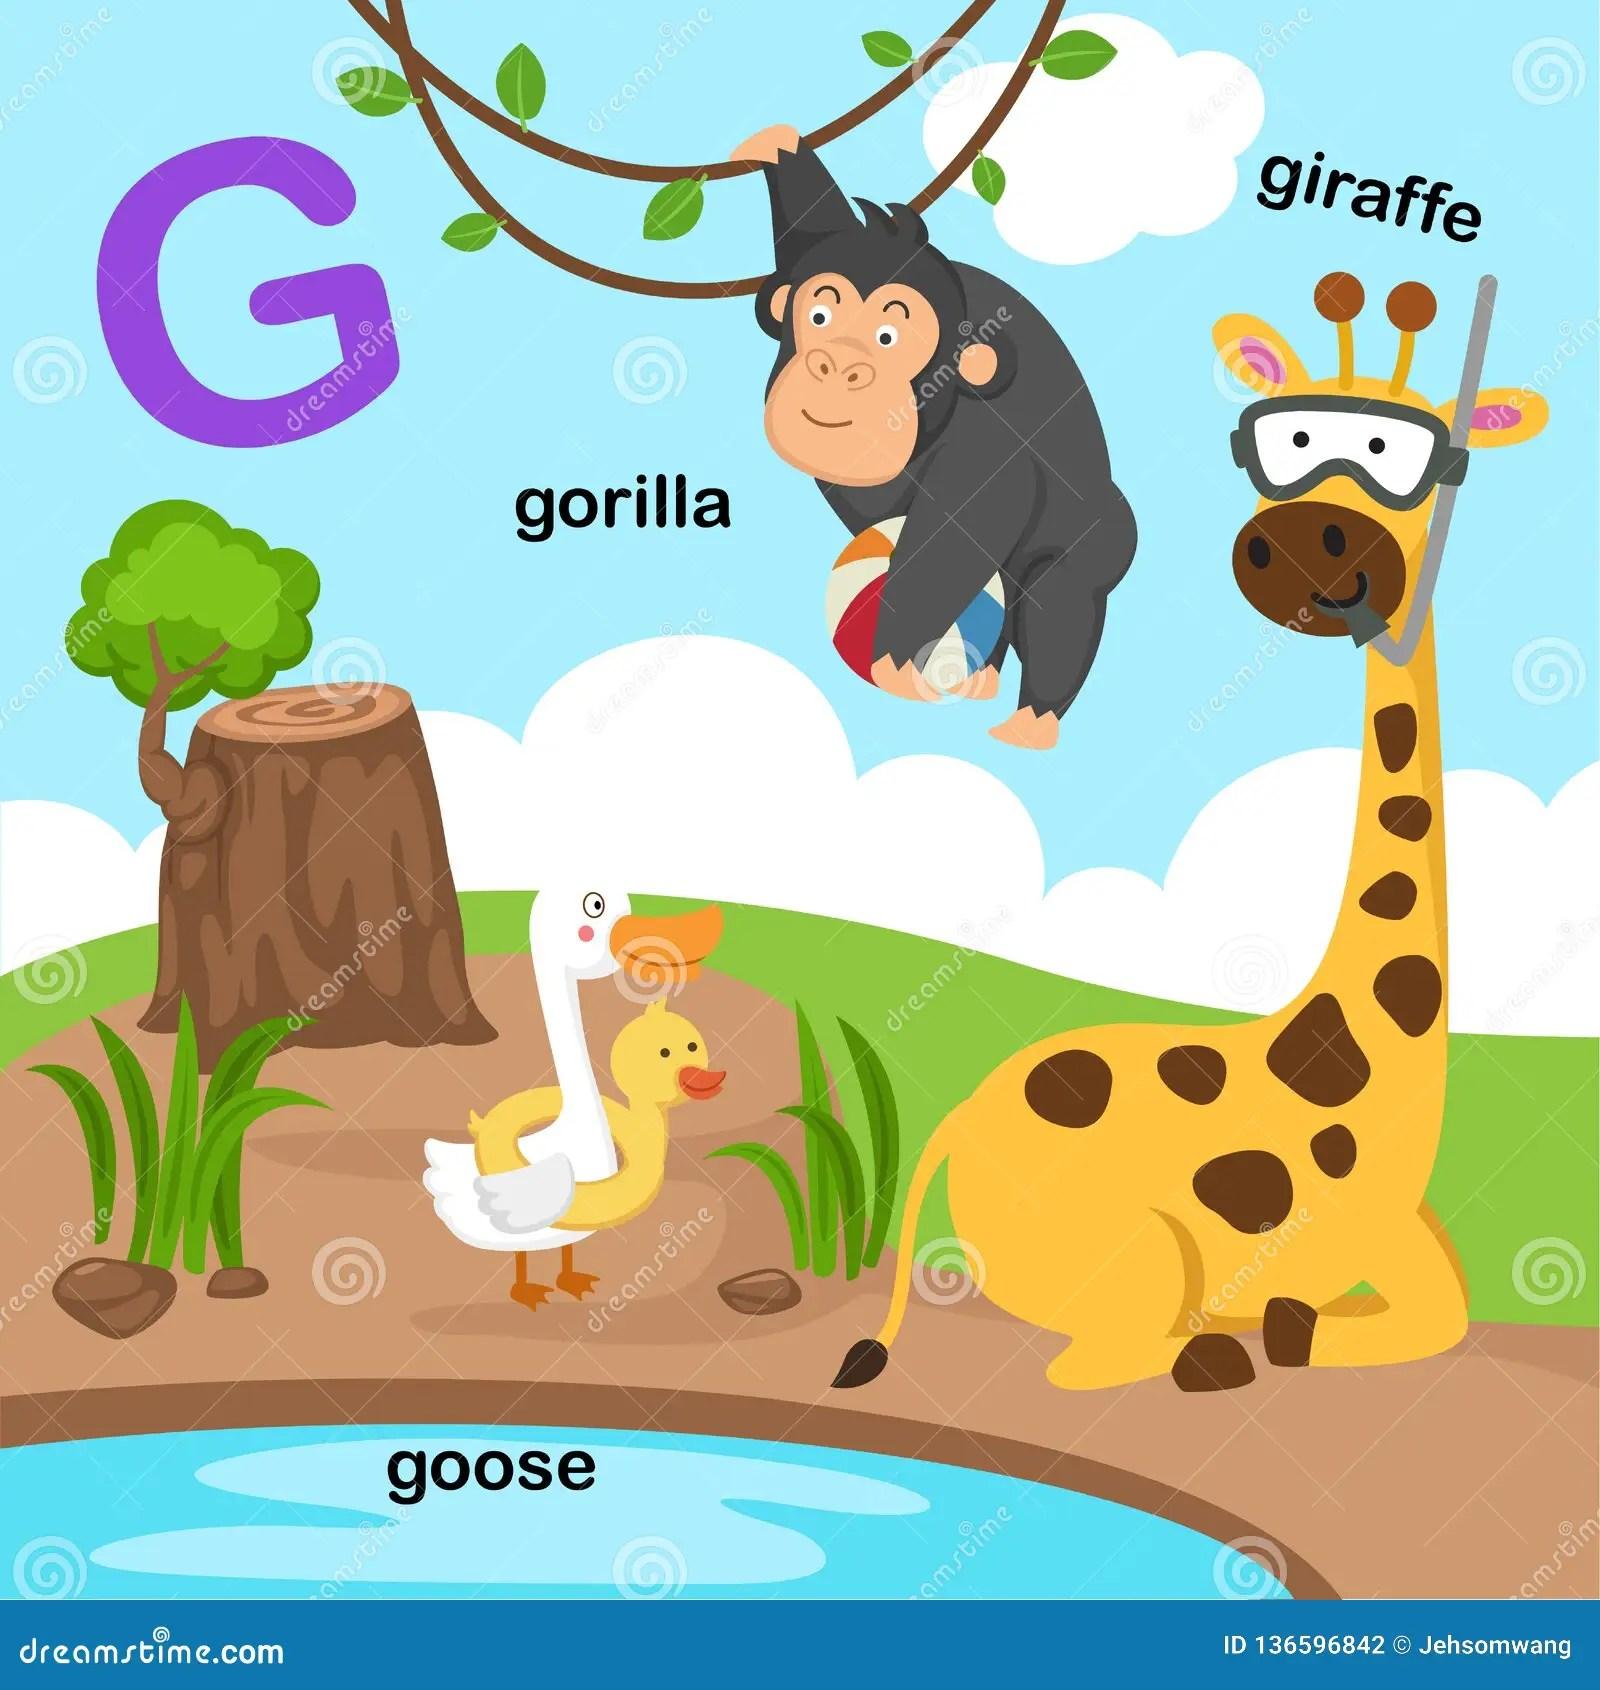 Illustration Isolated Alphabet Letter G Giraffe Goose